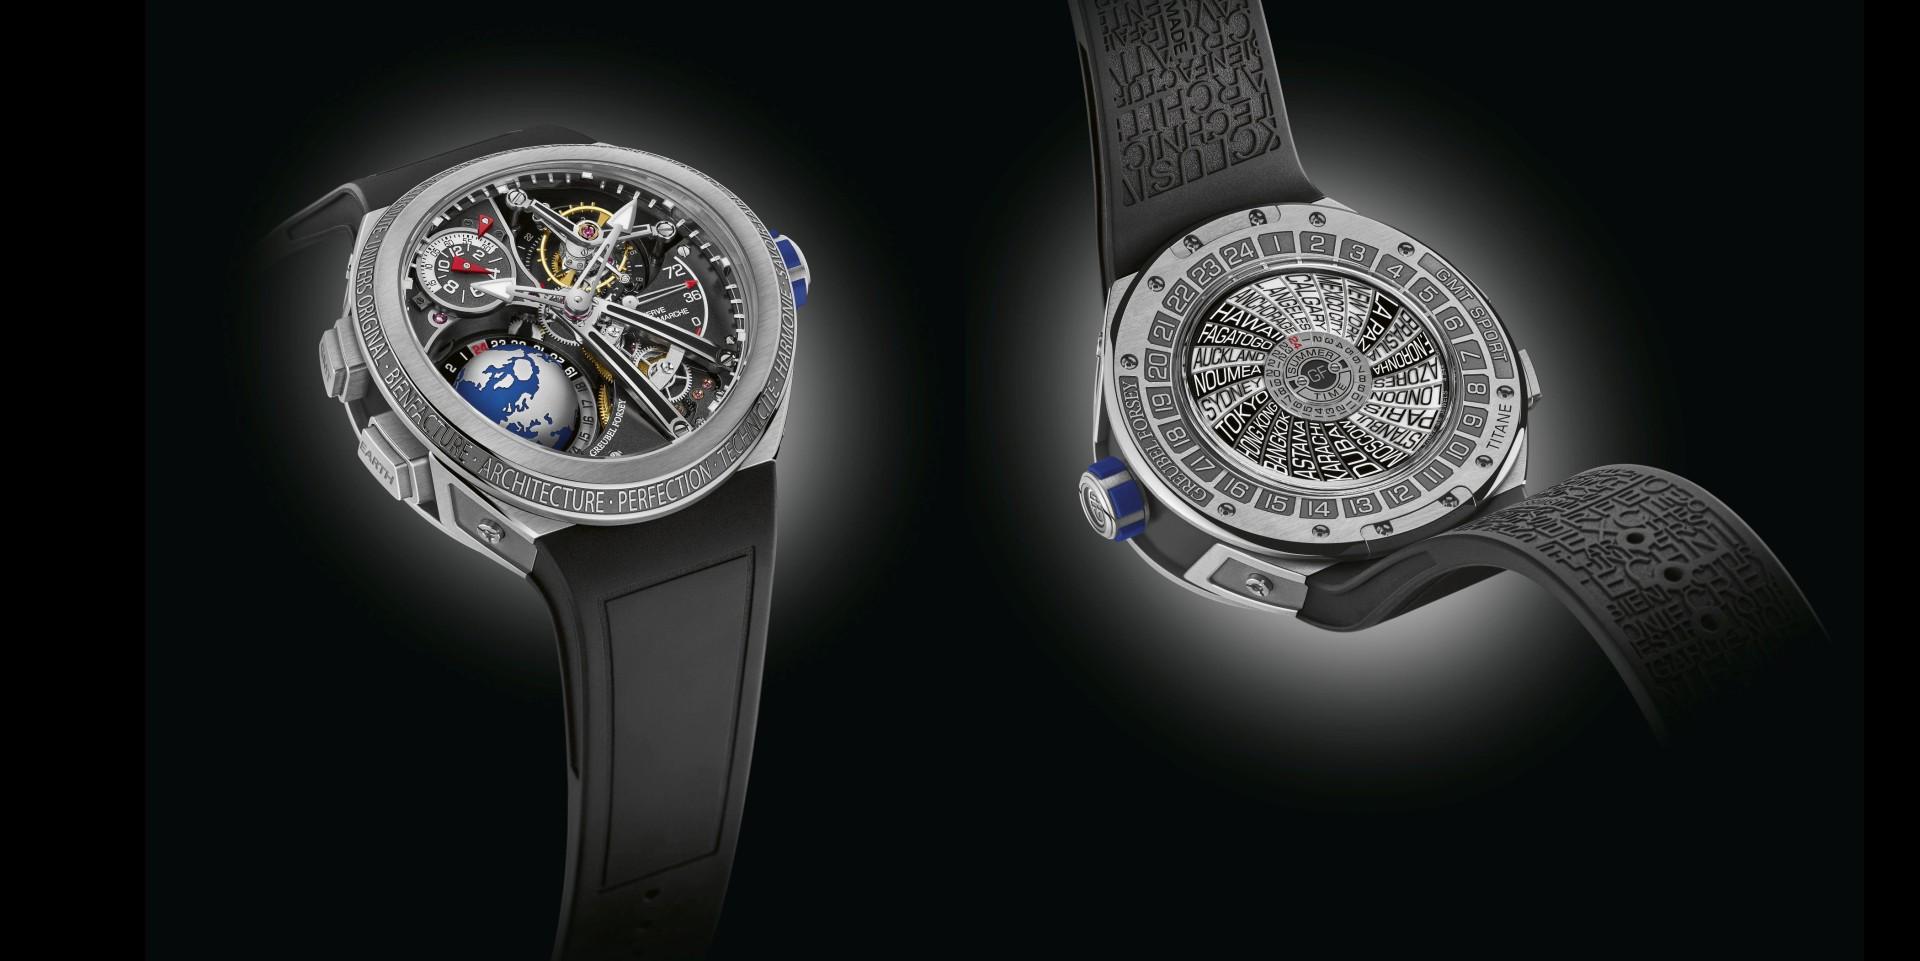 極致自信的人體工學時計: Greubel Forsey GMT Sport運動款腕錶